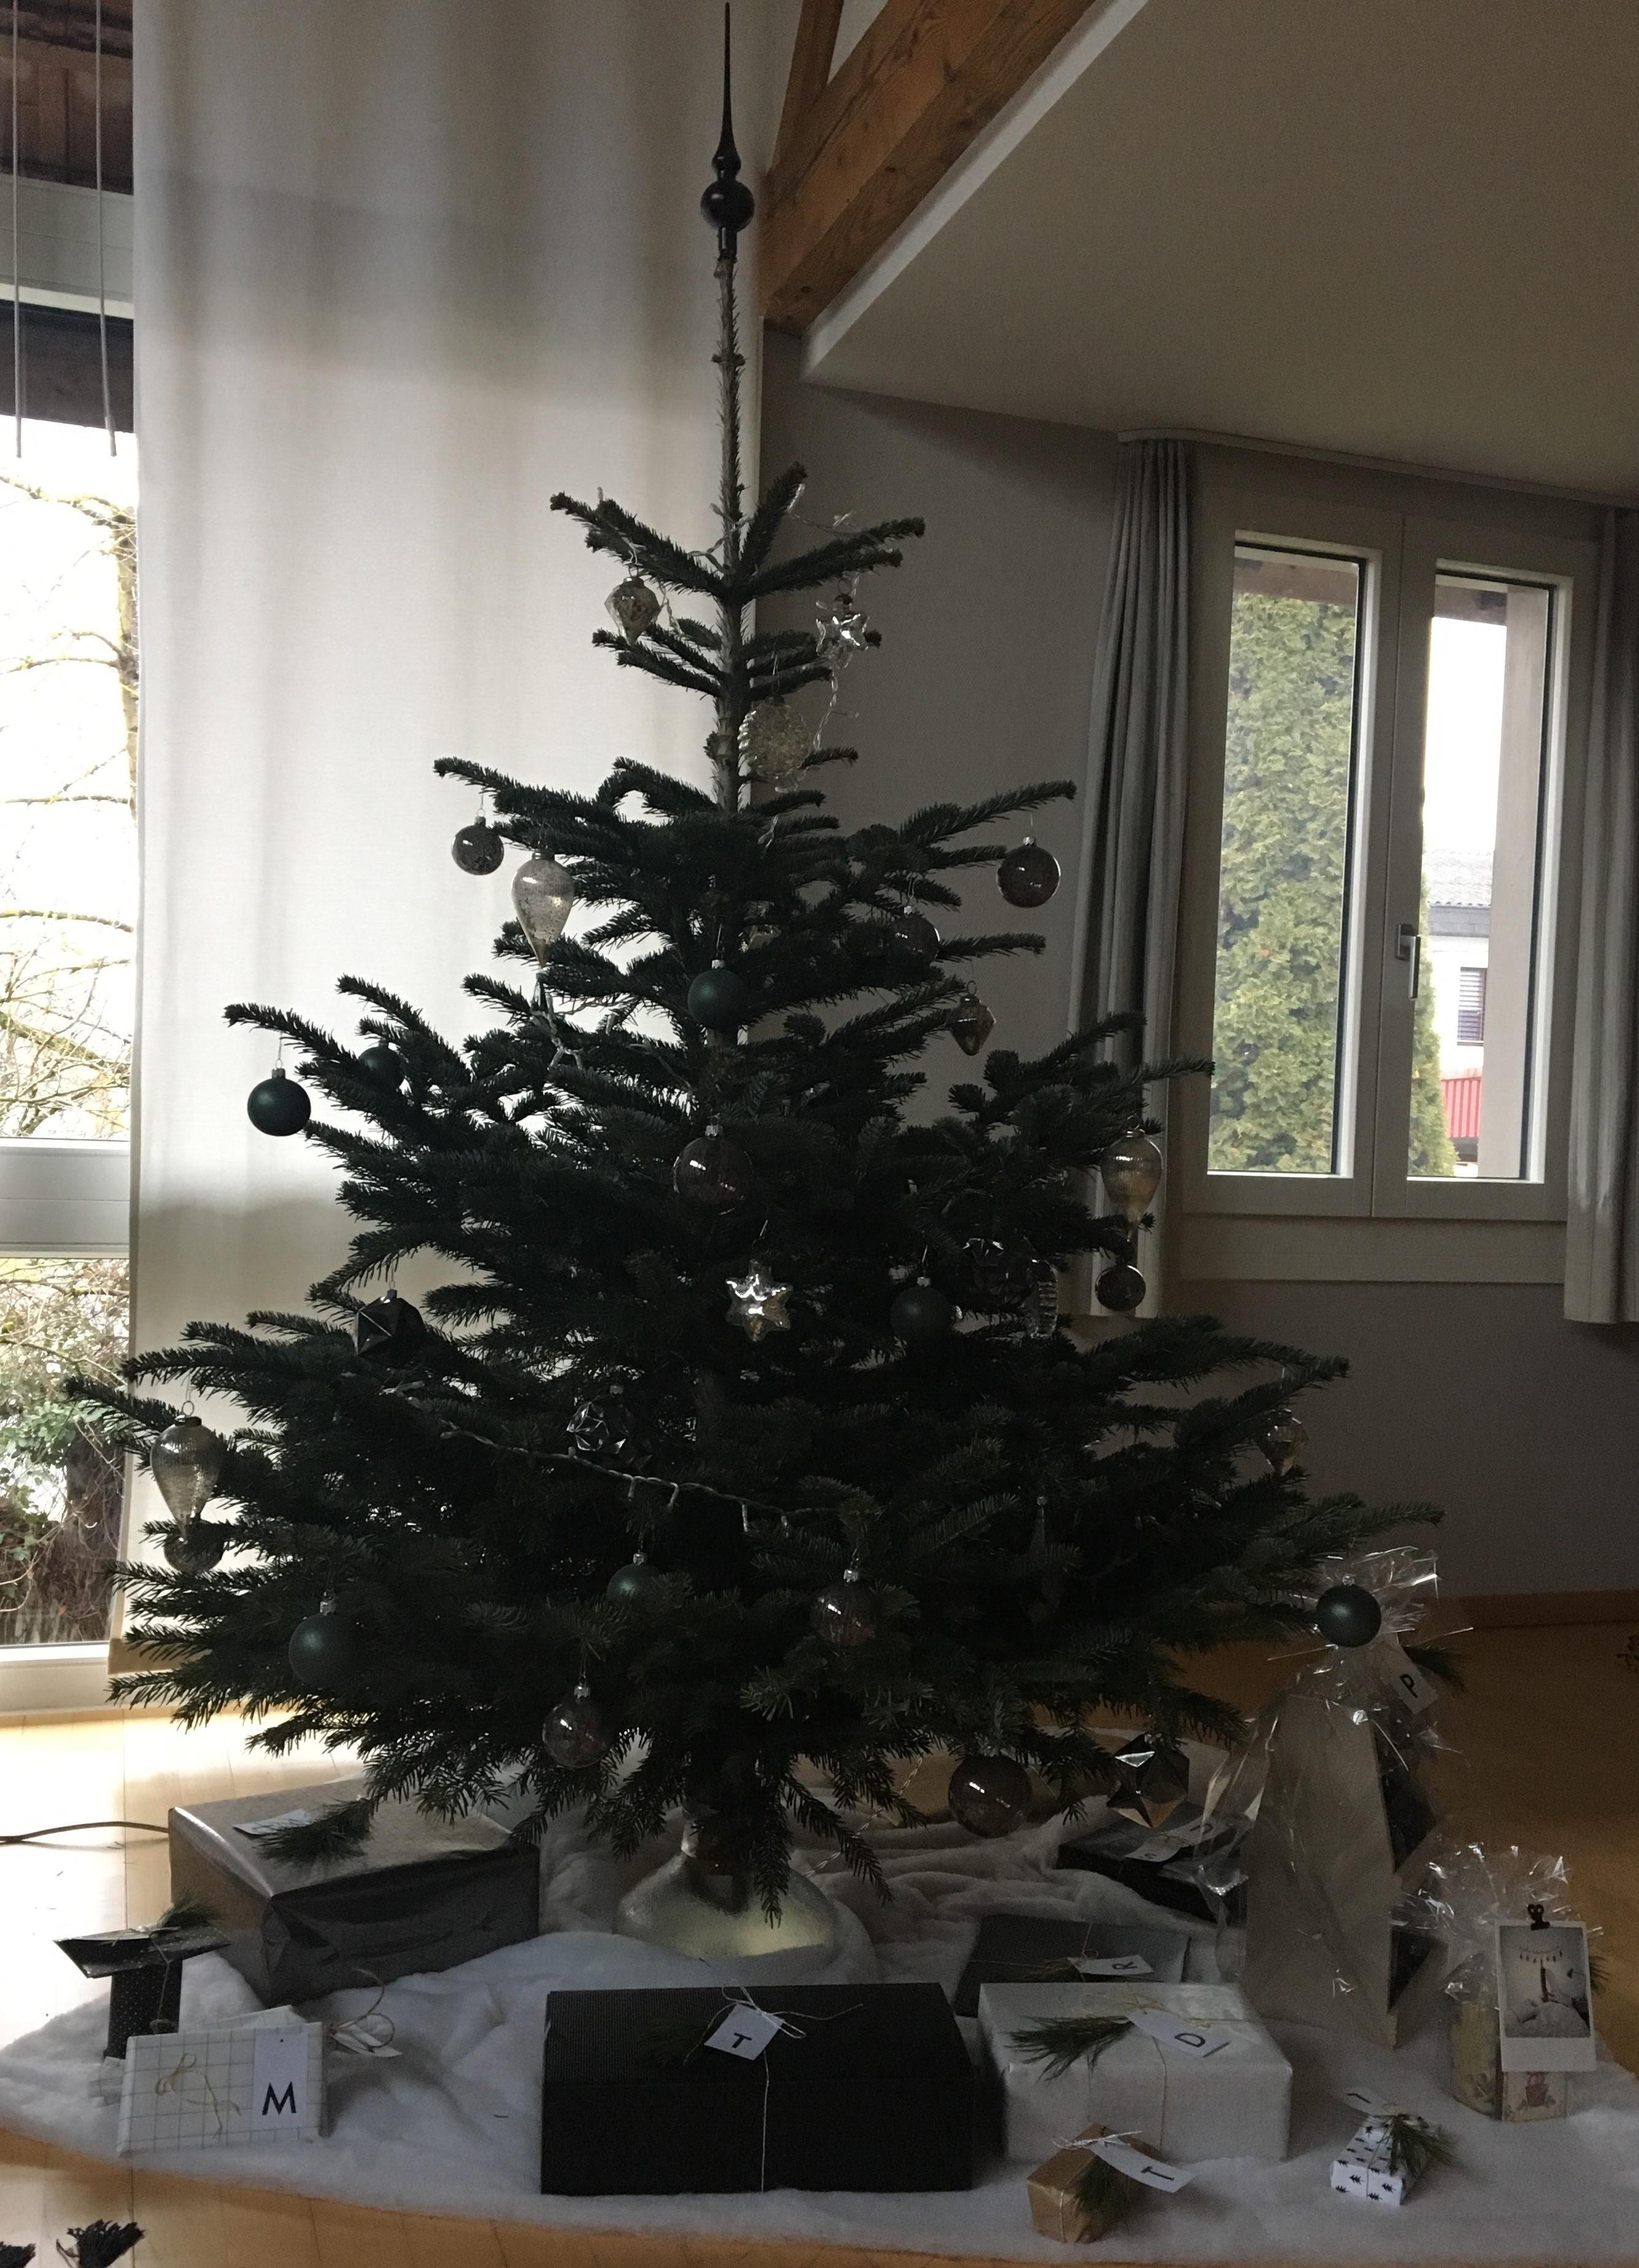 Frohe Weihnachten Familie.Frohe Weihnachten Liebe Familie Geschenke Freud